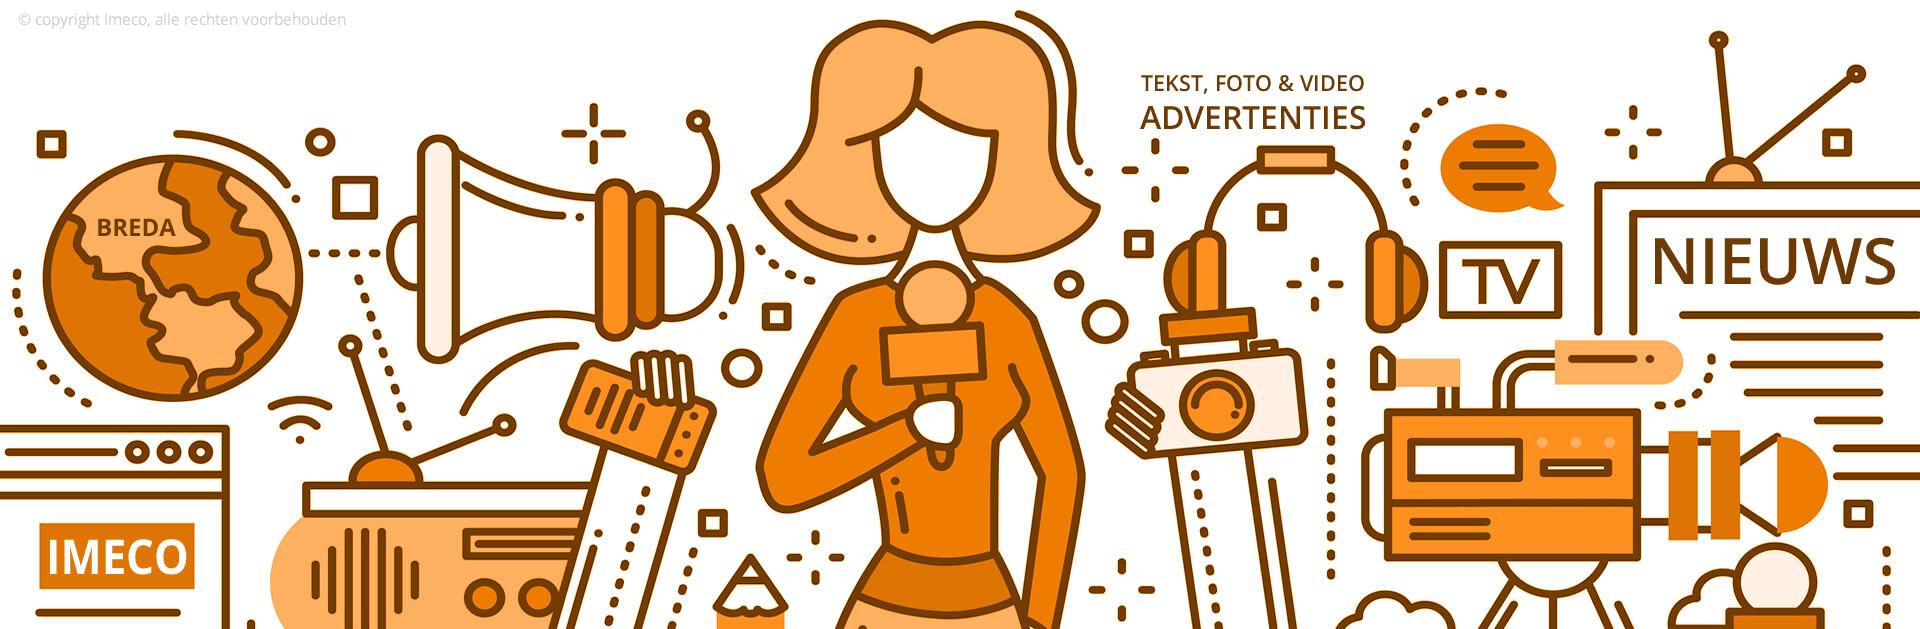 Tekst, foto en video advertenties